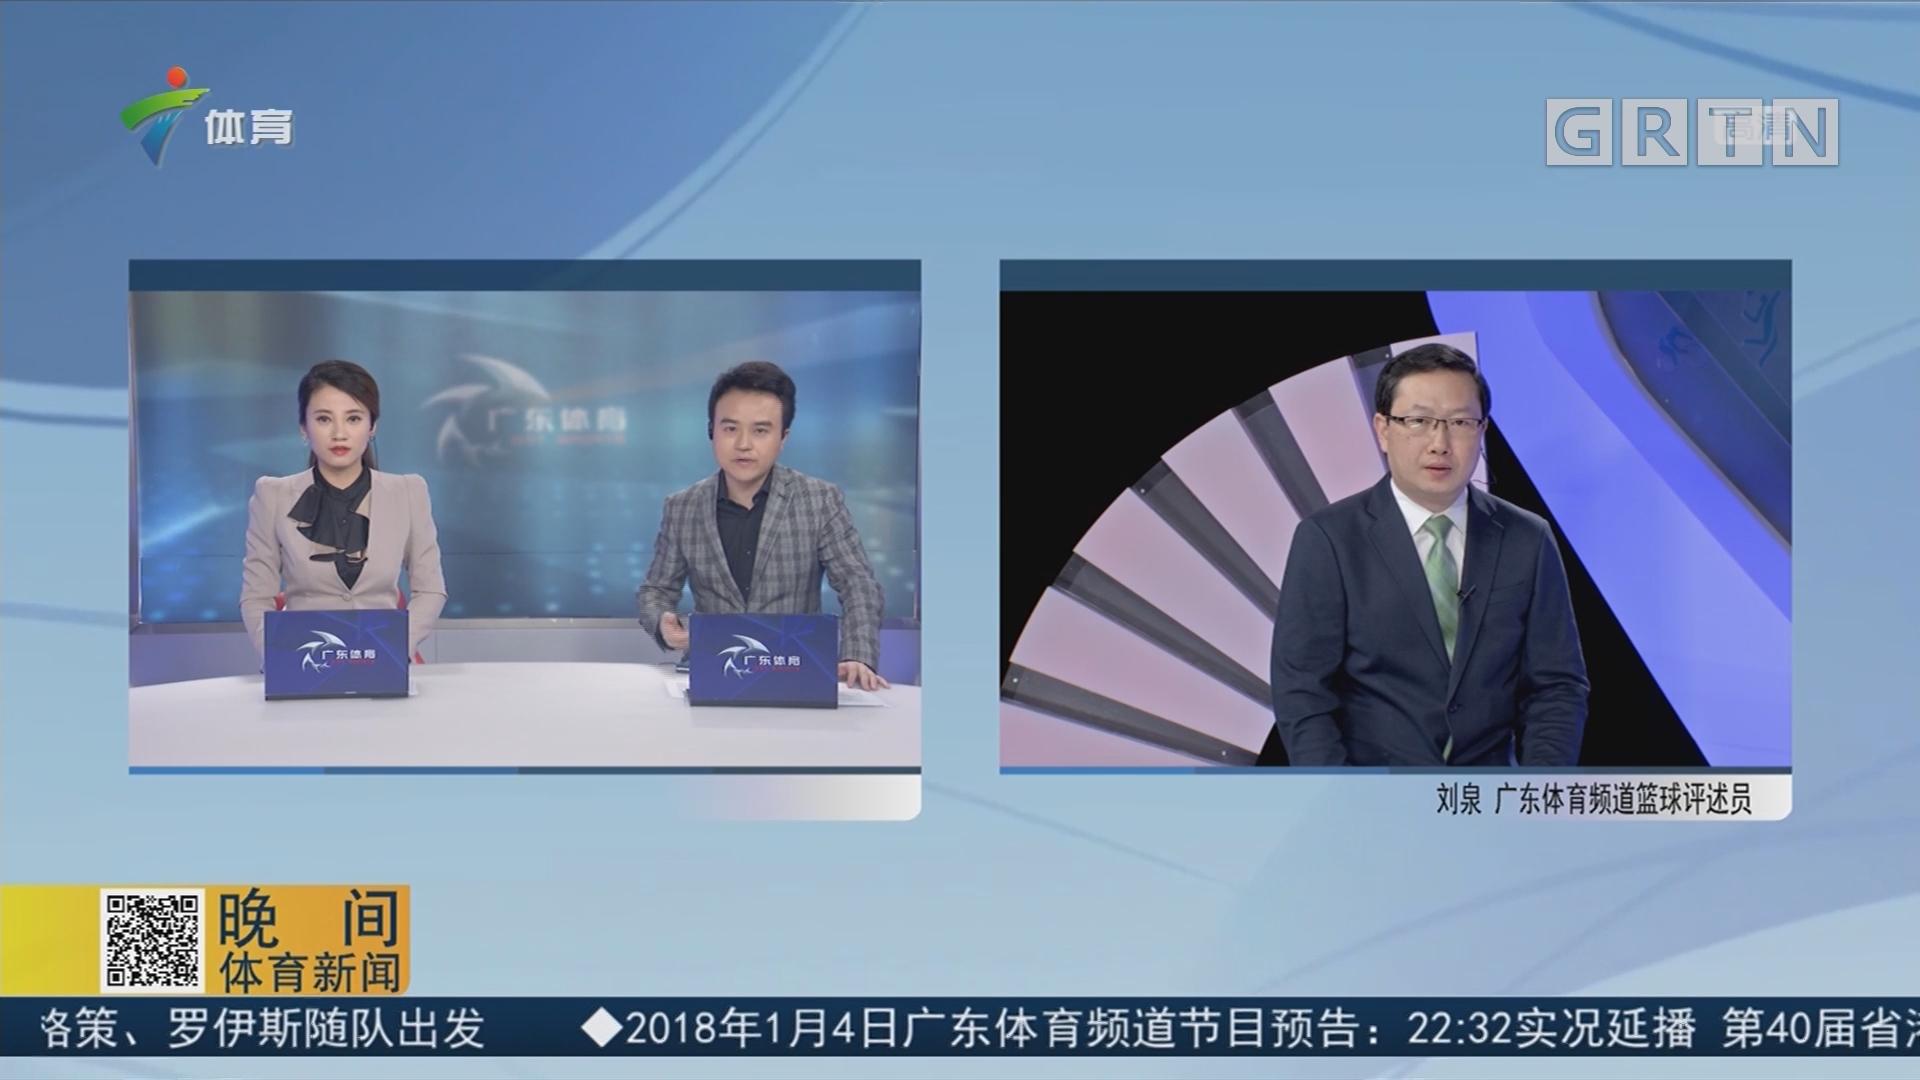 评论员评论比赛:深圳vs广厦